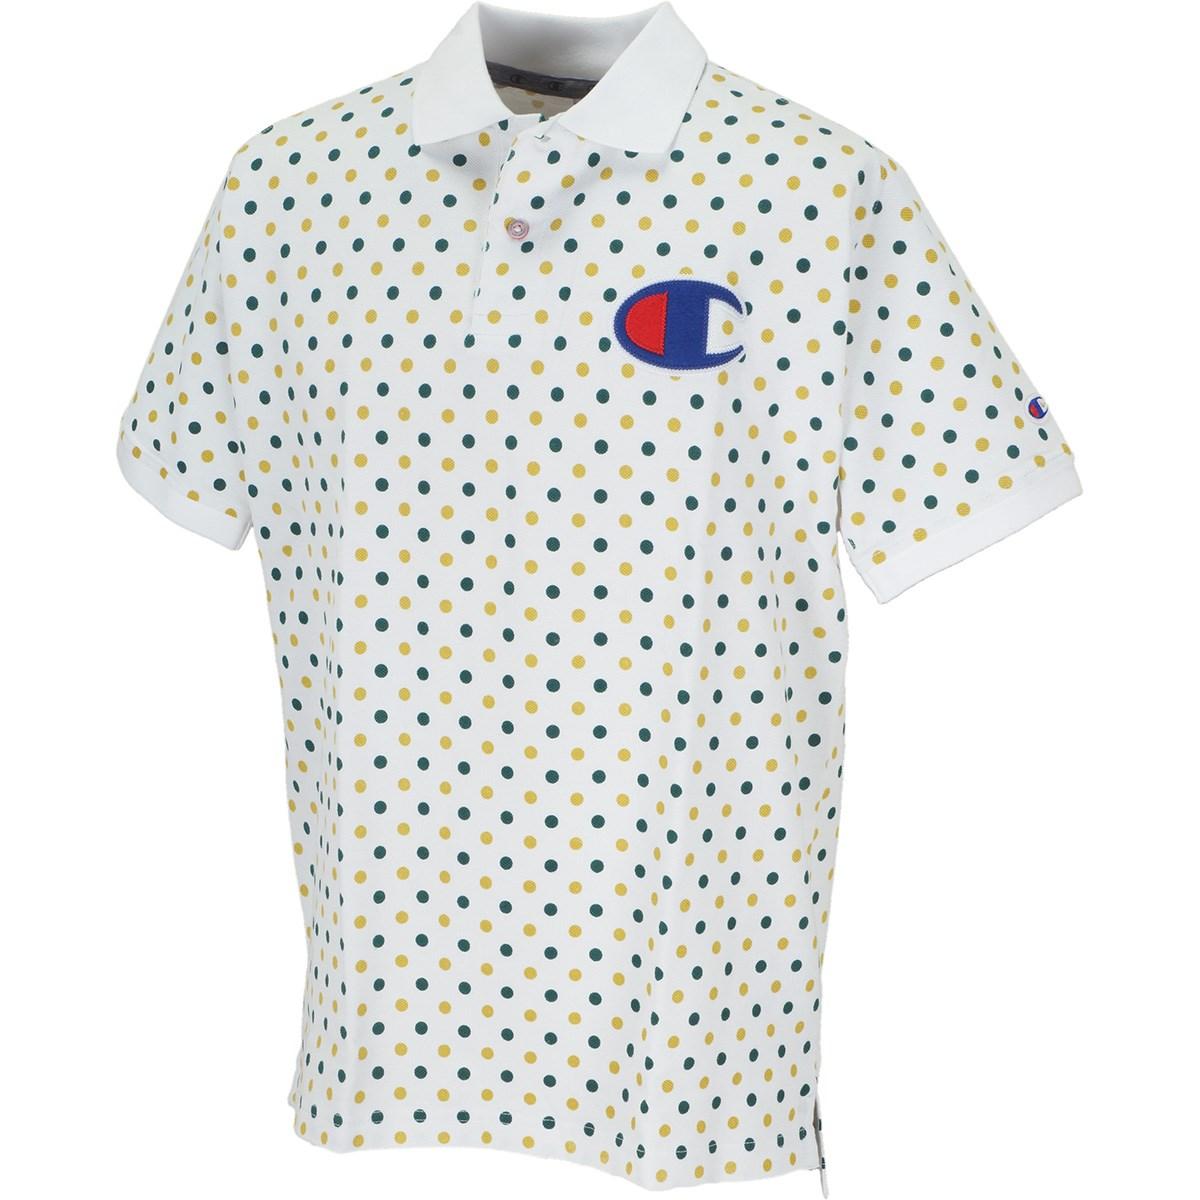 チャンピオン マルチドット 半袖ポロシャツ